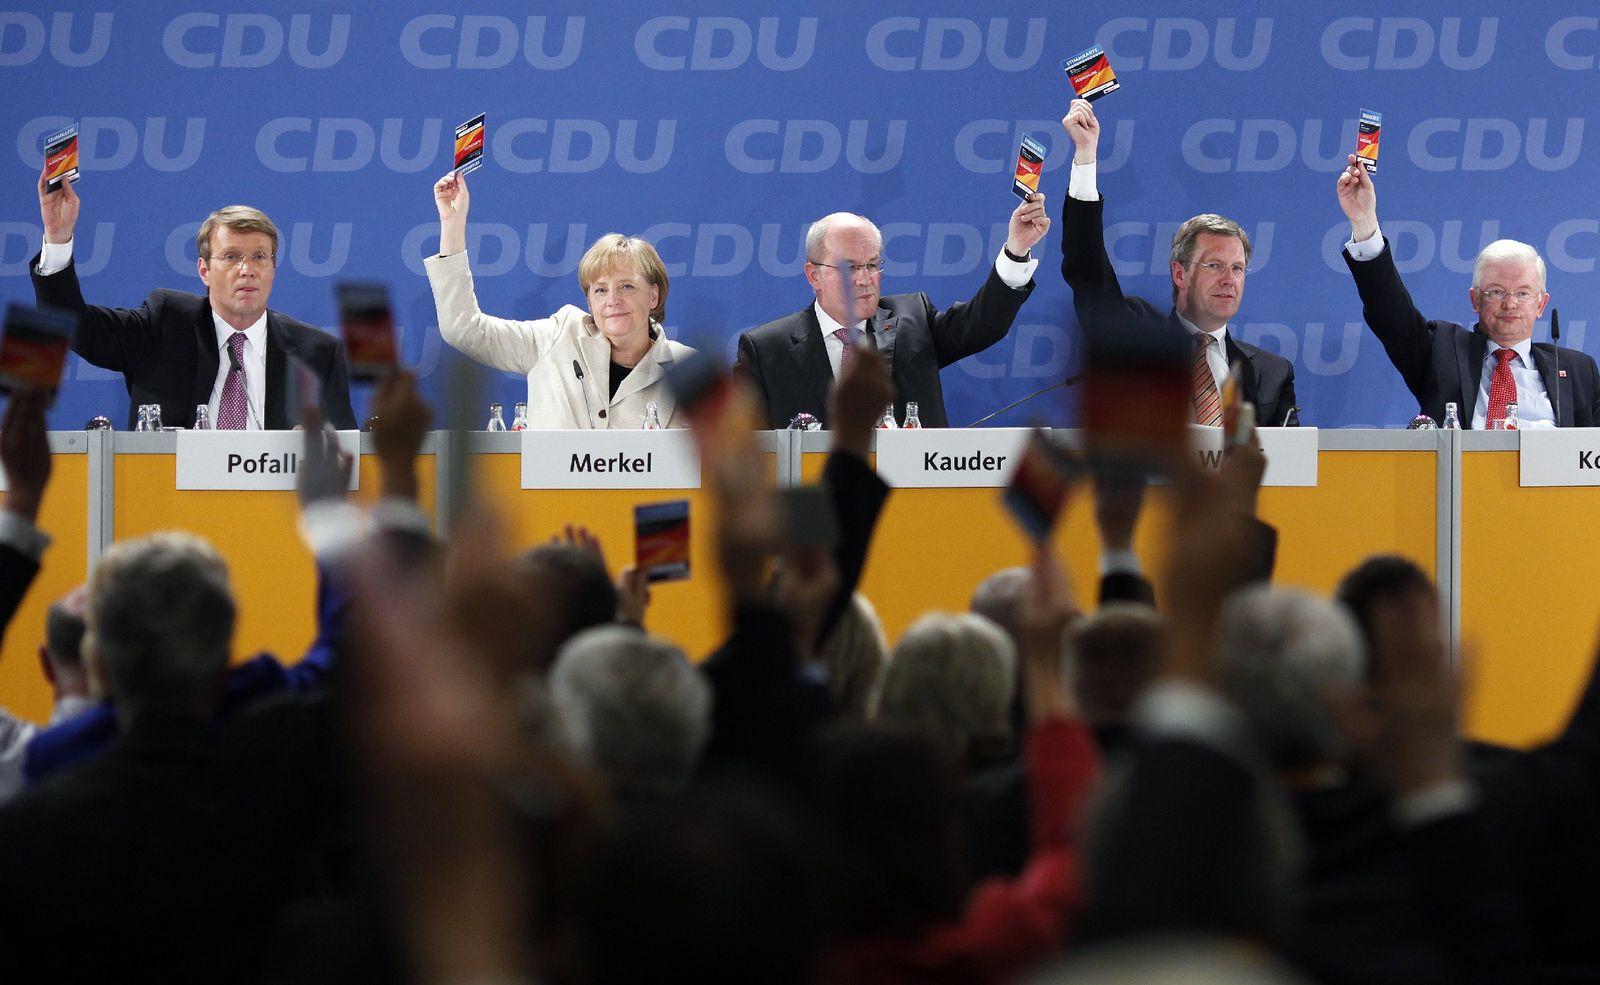 CDU-Bundesausschuss in Berlin